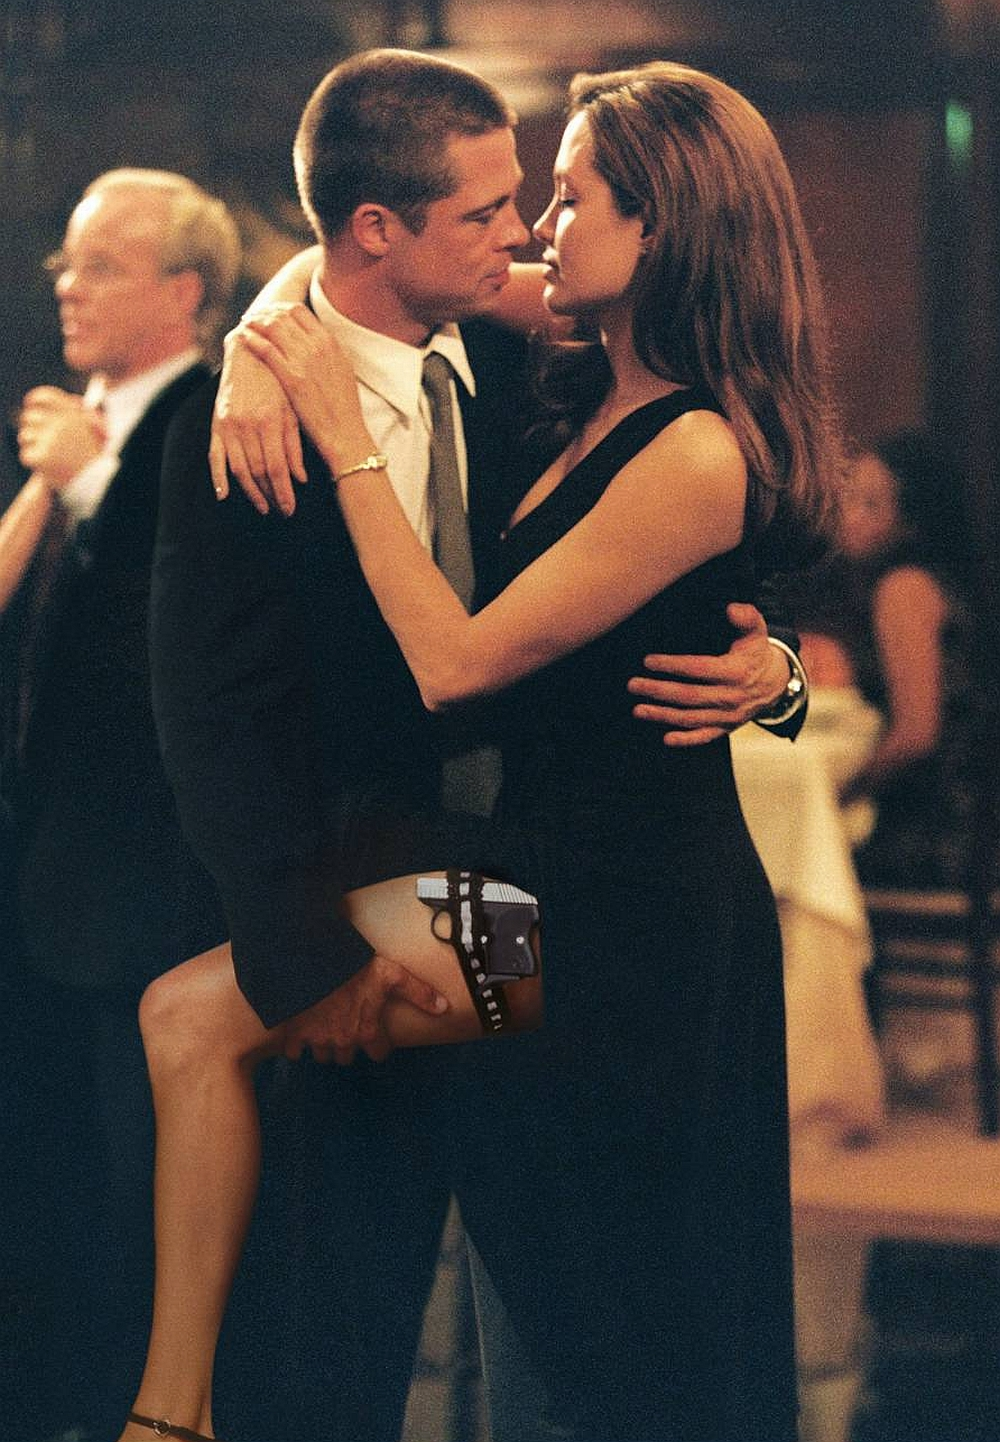 Angelina Jolie szaleje przed sądem! Brad Pitt zafundował jej ból nie do zniesienia! Z ust gwiazdy padły mocne słowa zdjecie 1